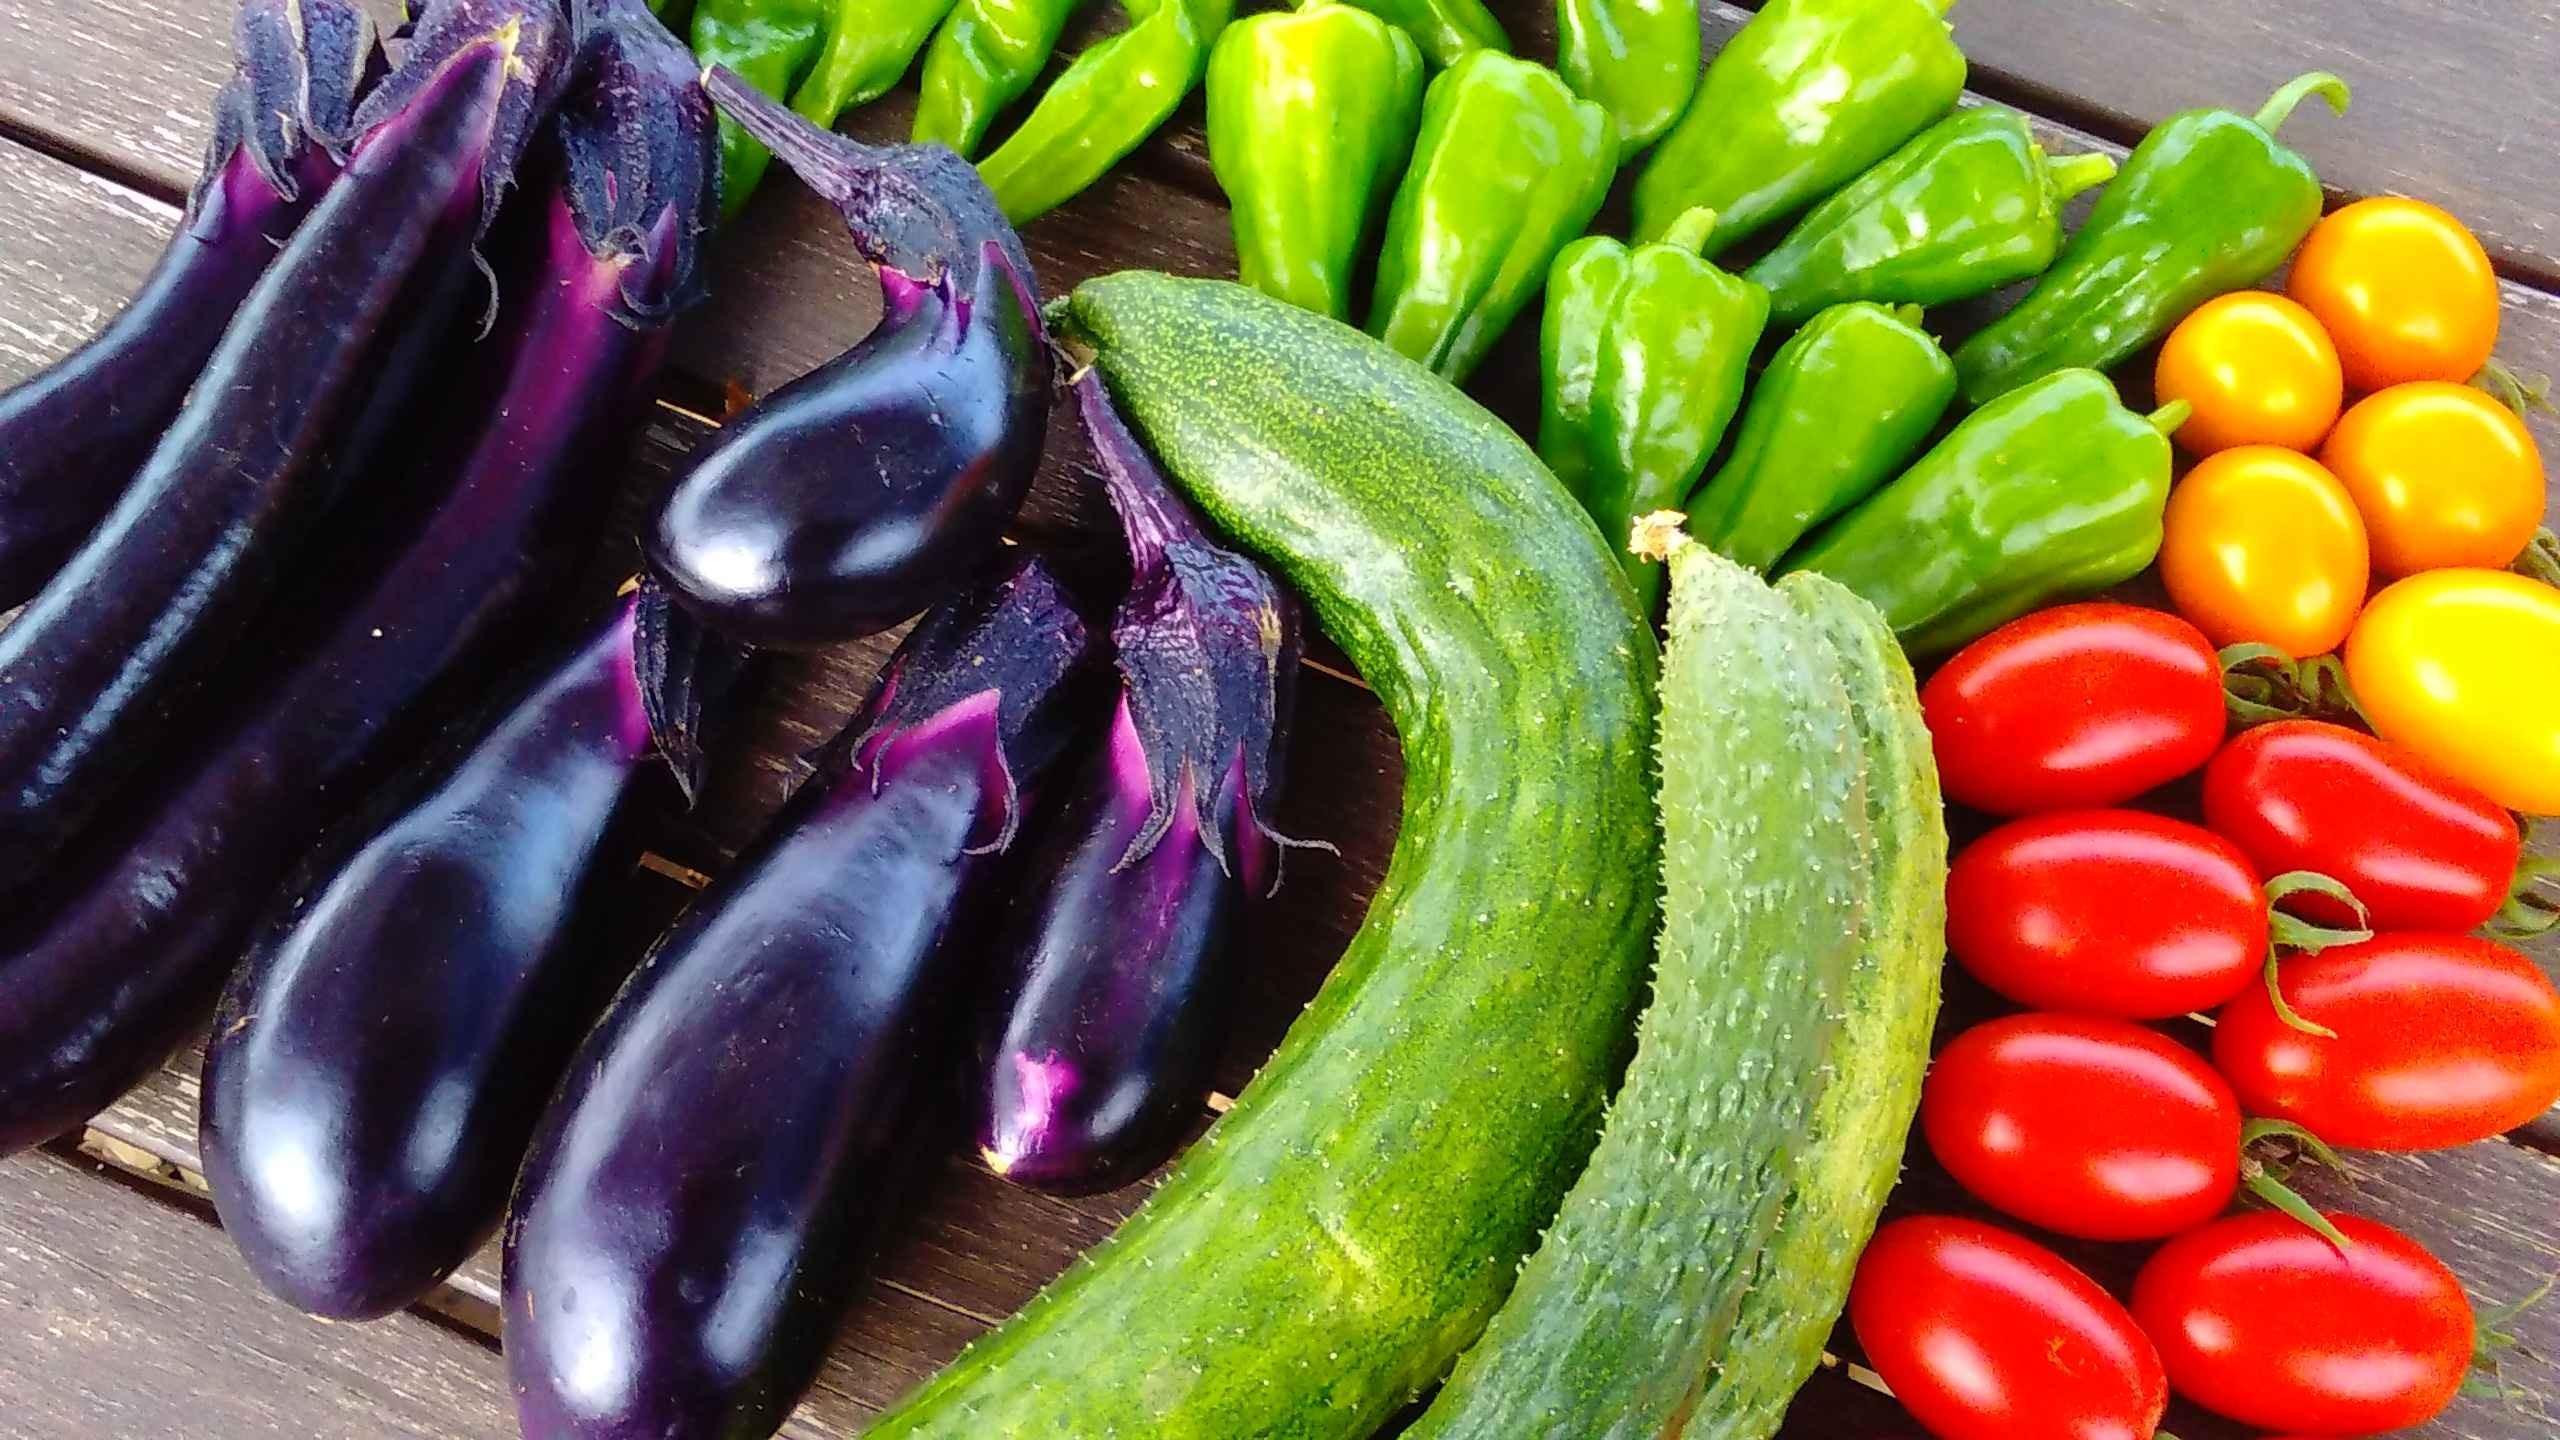 【シェア畑】お野菜作りにご興味ある方大募集‼【葛飾柴又】